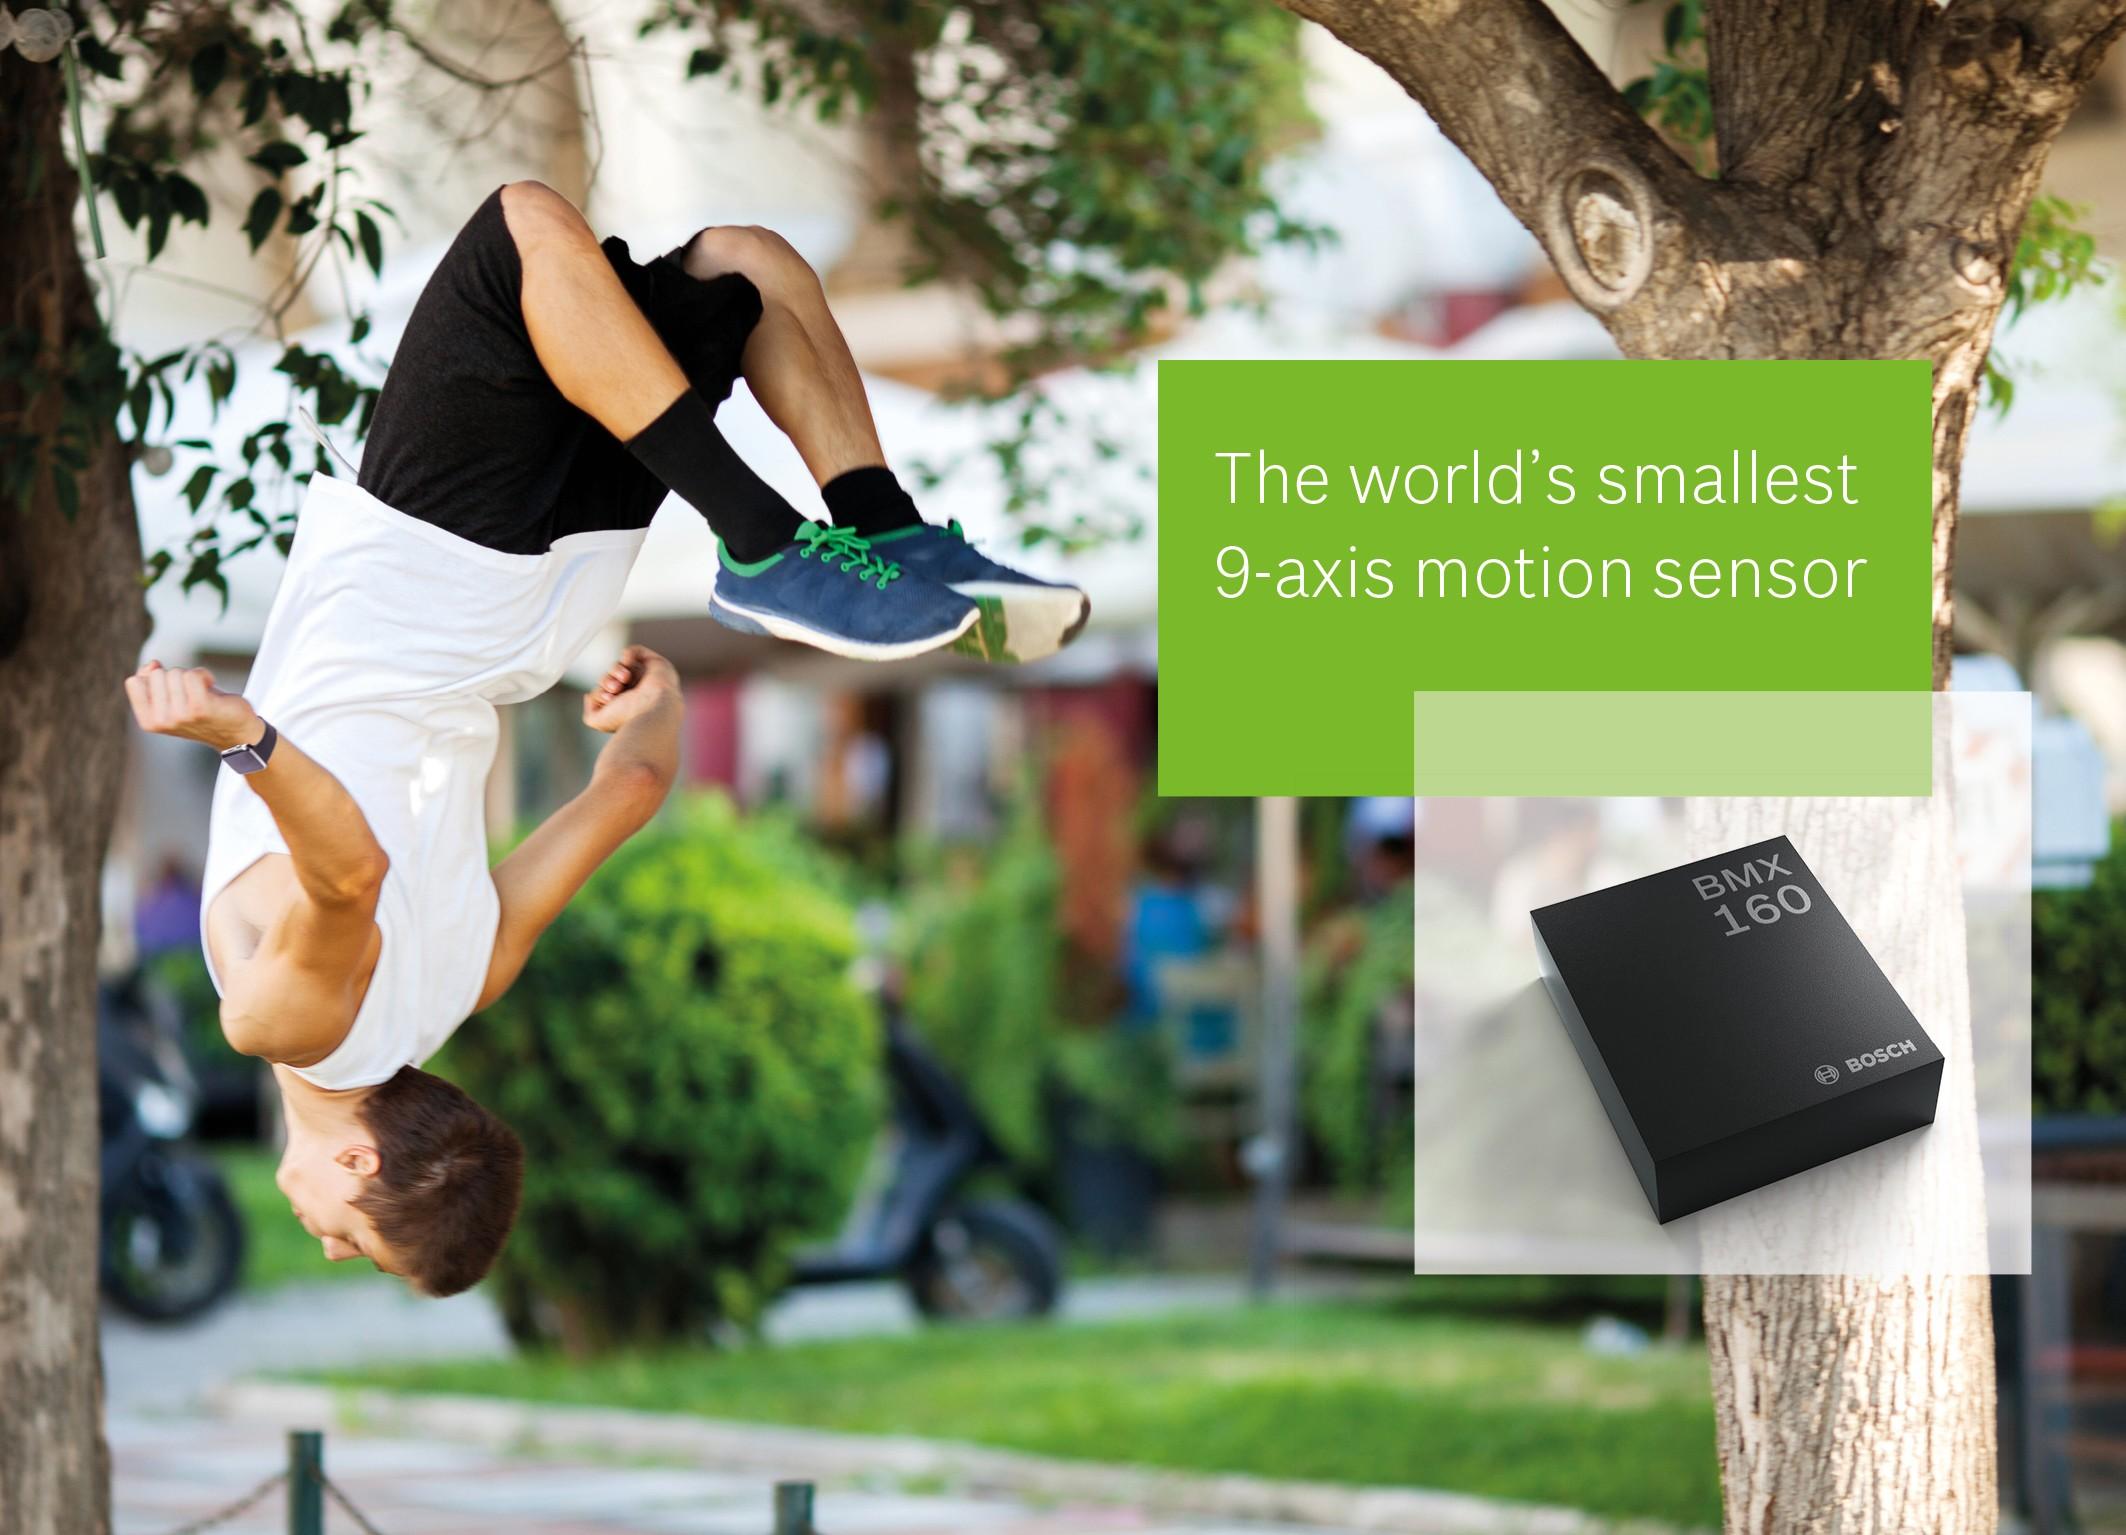 Senzor BMX160 MEMS Bosch Sensortec uvádza na trh svetovo najmenší 9-osový pohybový senzor Kompaktné vyhotovenie s nízkou spotrebou pre smartfóny, inteligentné hodinky a ďalšiu nositeľnú elektroniku